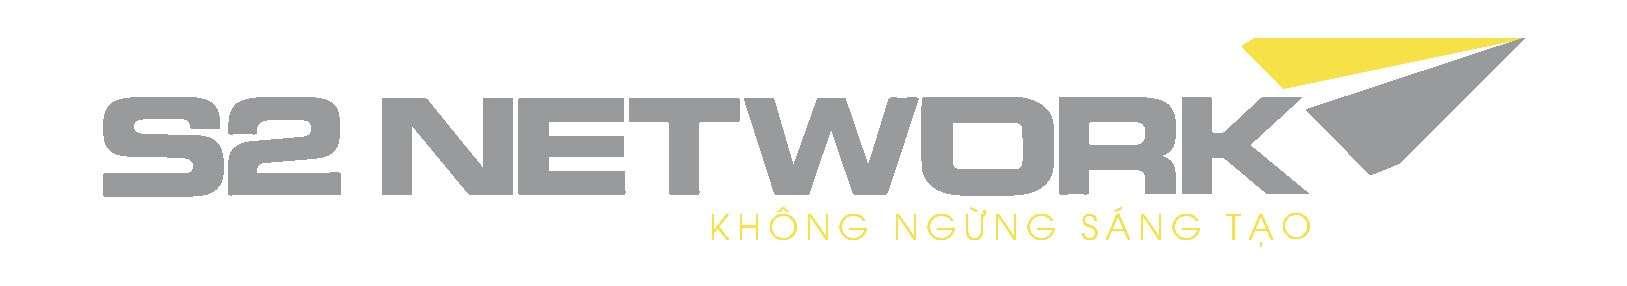 Tuyển dụng thiết kế đồ họa - Công ty TNHH S2 NETWORK